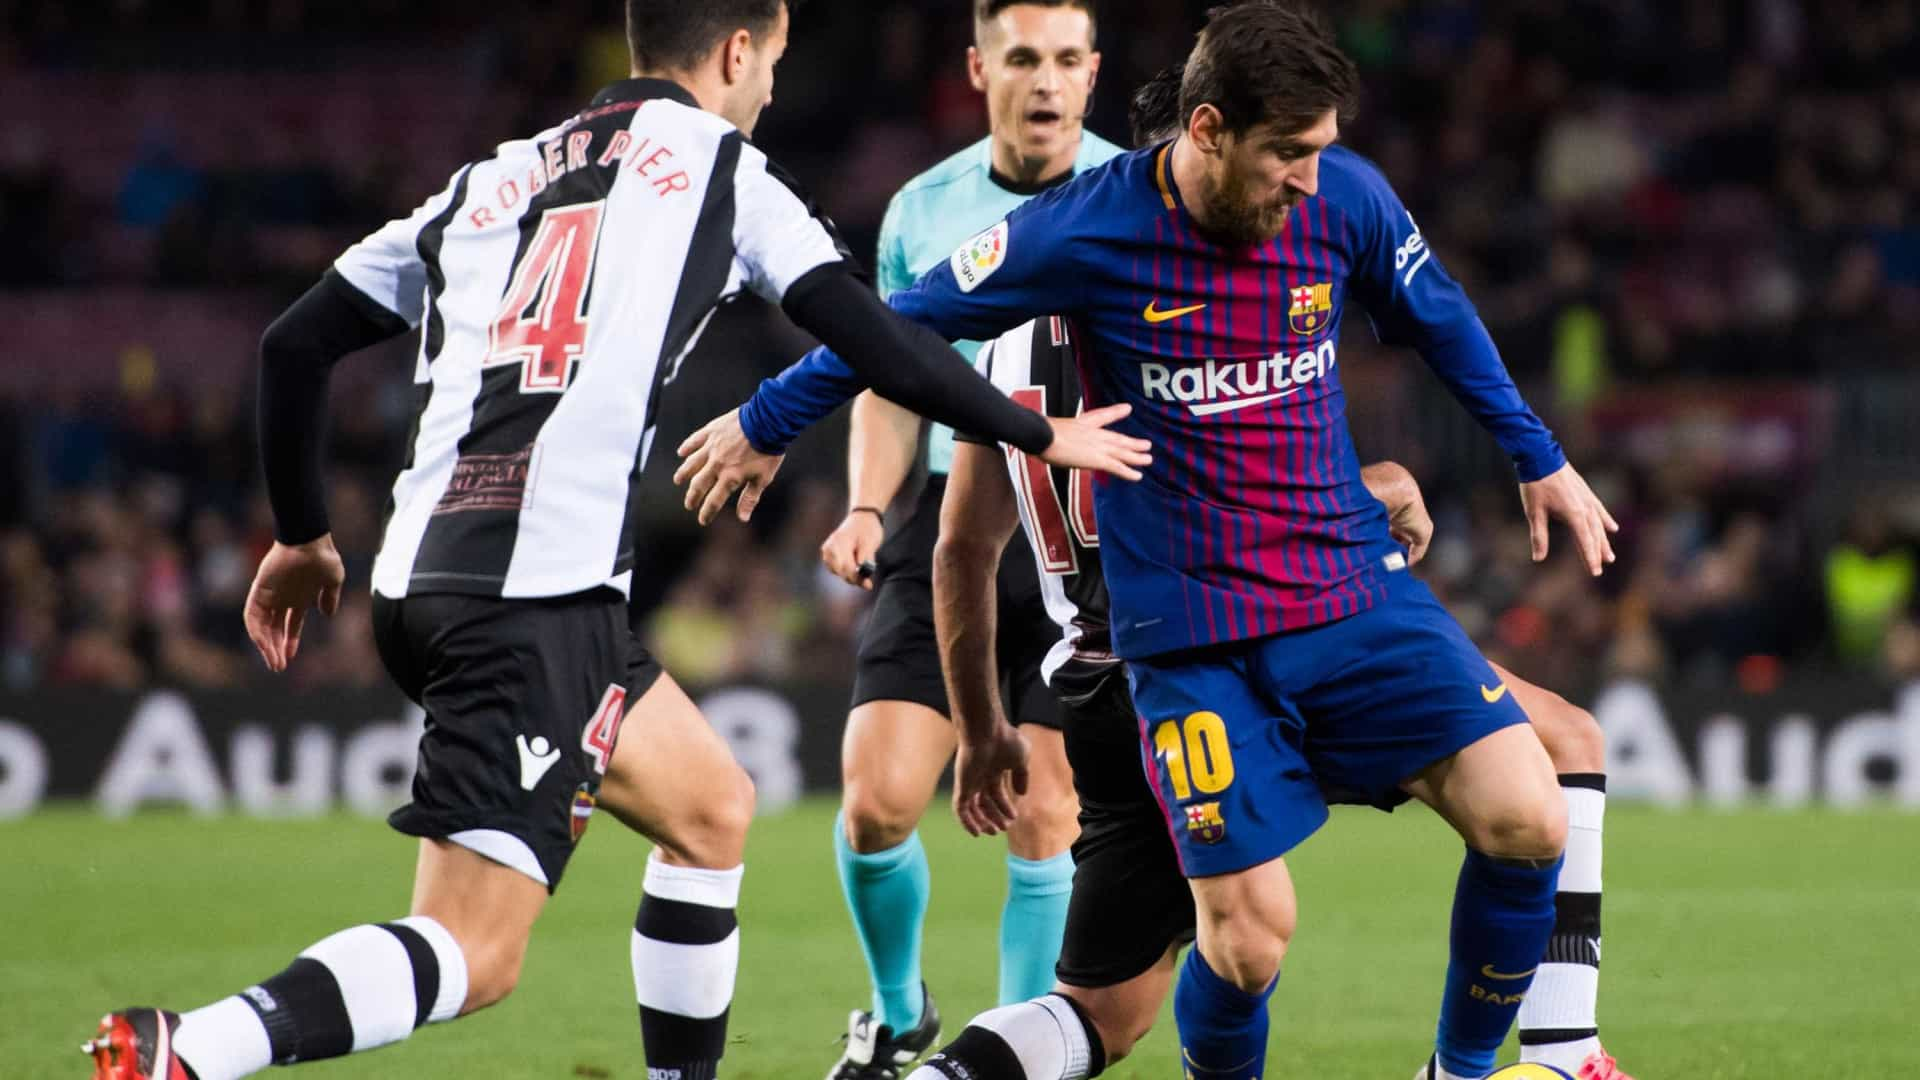 Revelação: Real Madrid tentou contratar Messi em 2013